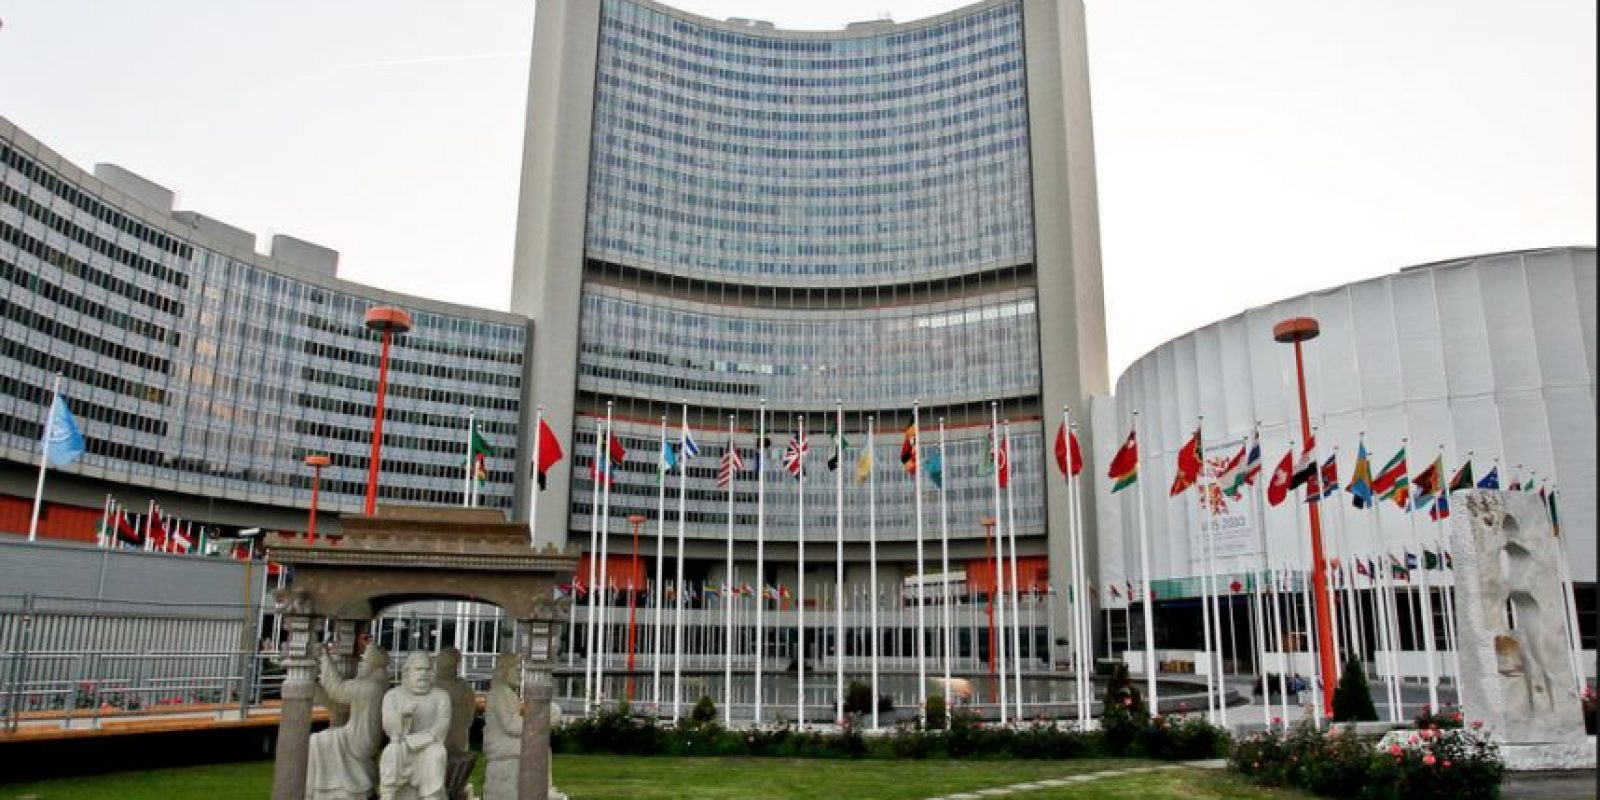 Algunos de los principales órganos de la ONU son la Asamblea General, Consejo de Seguridad, Consejo Económico y Social. Foto:Vía flickr.com